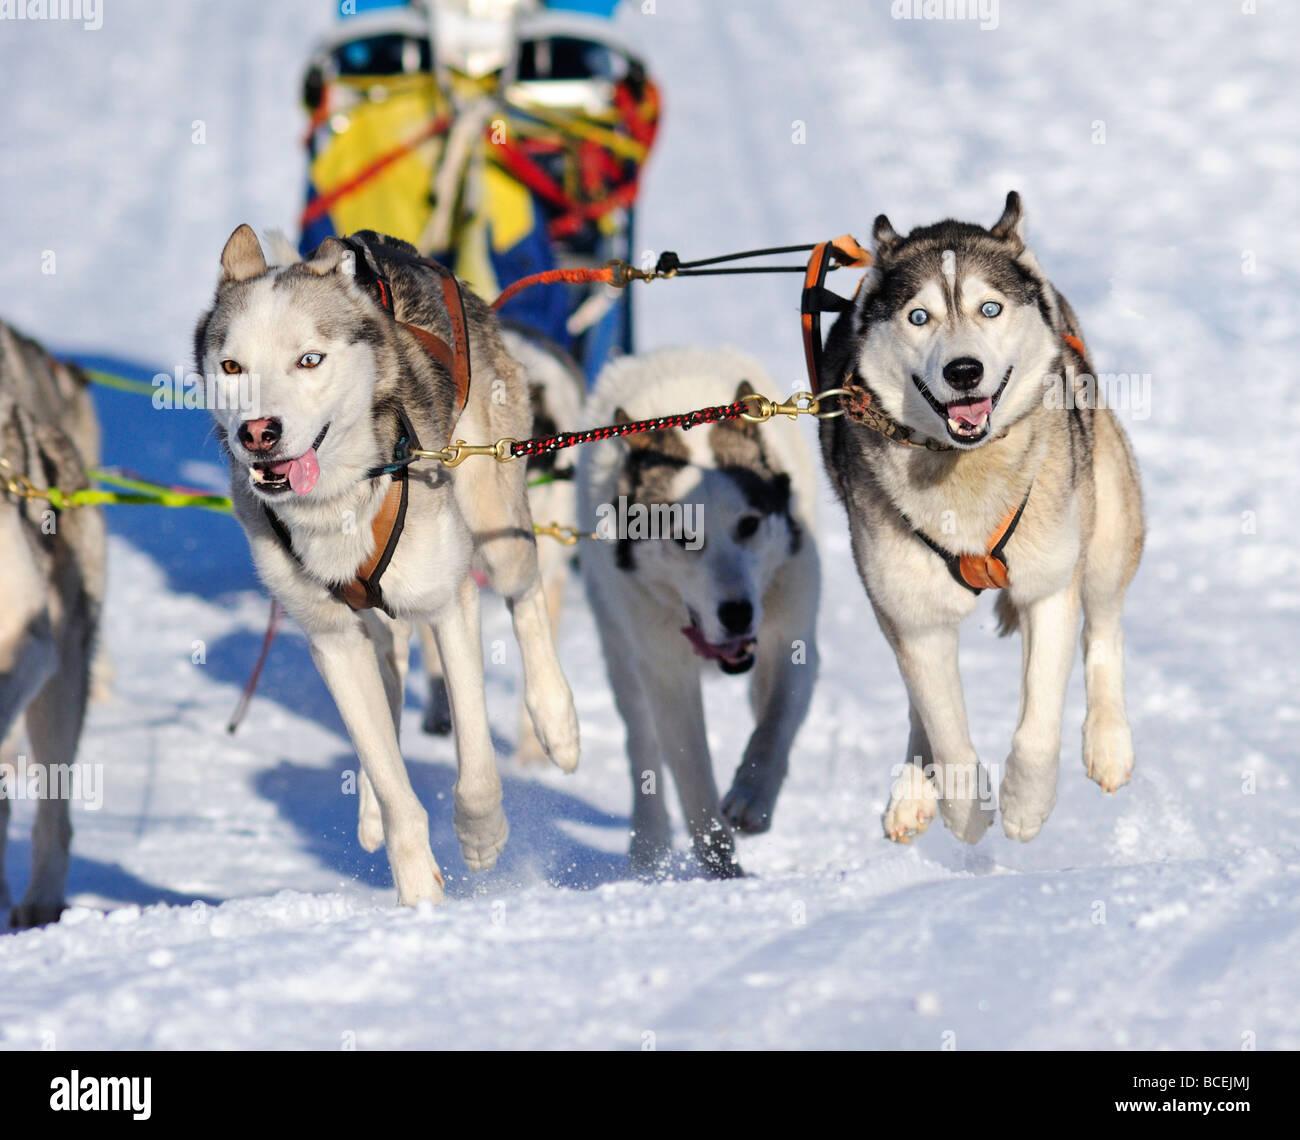 Dettagli di un sled dog team in piena azione verso la telecamera Immagini Stock